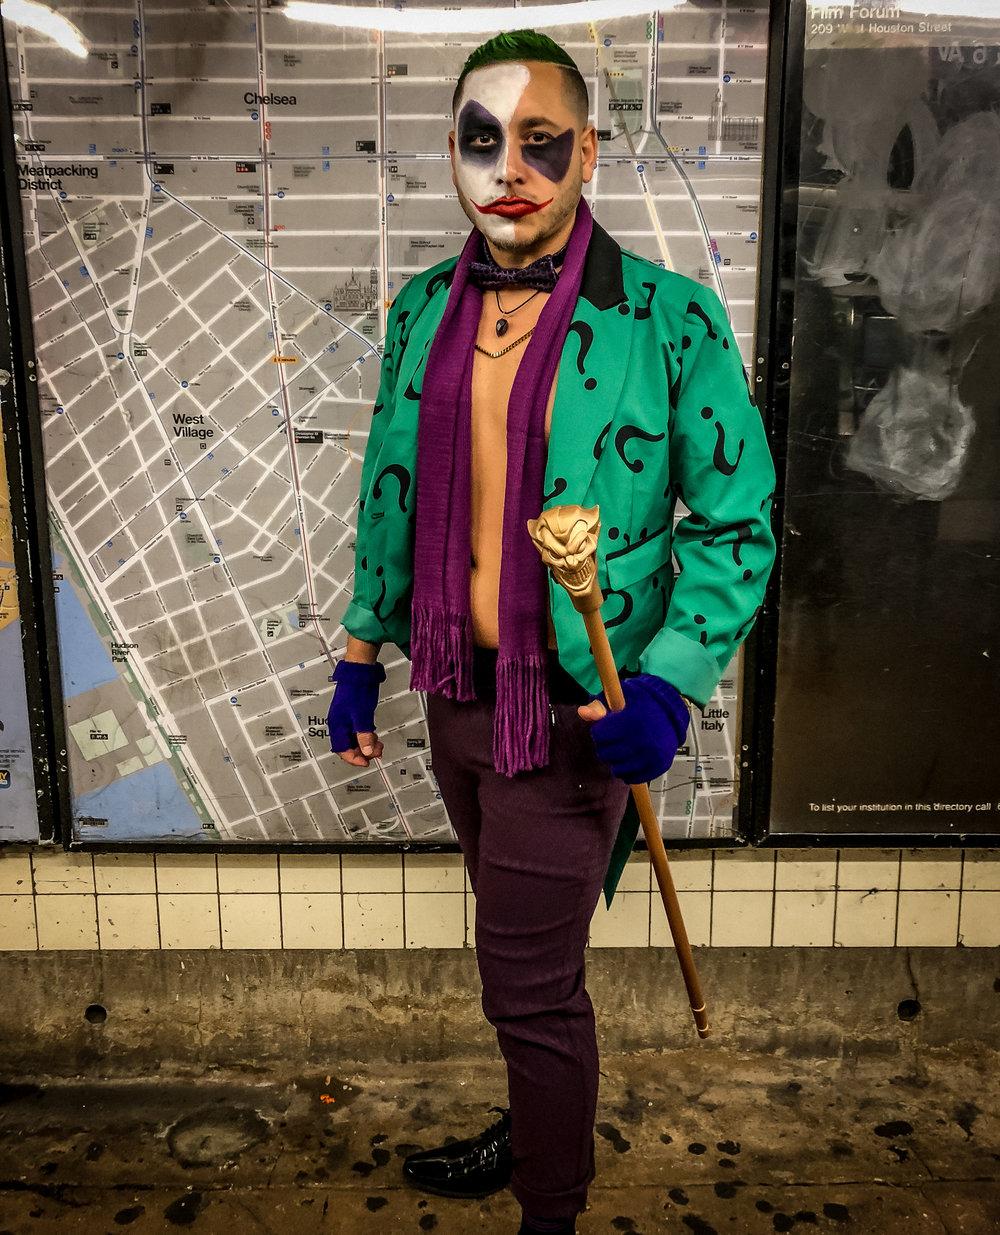 SubwayHalloween-9.jpg